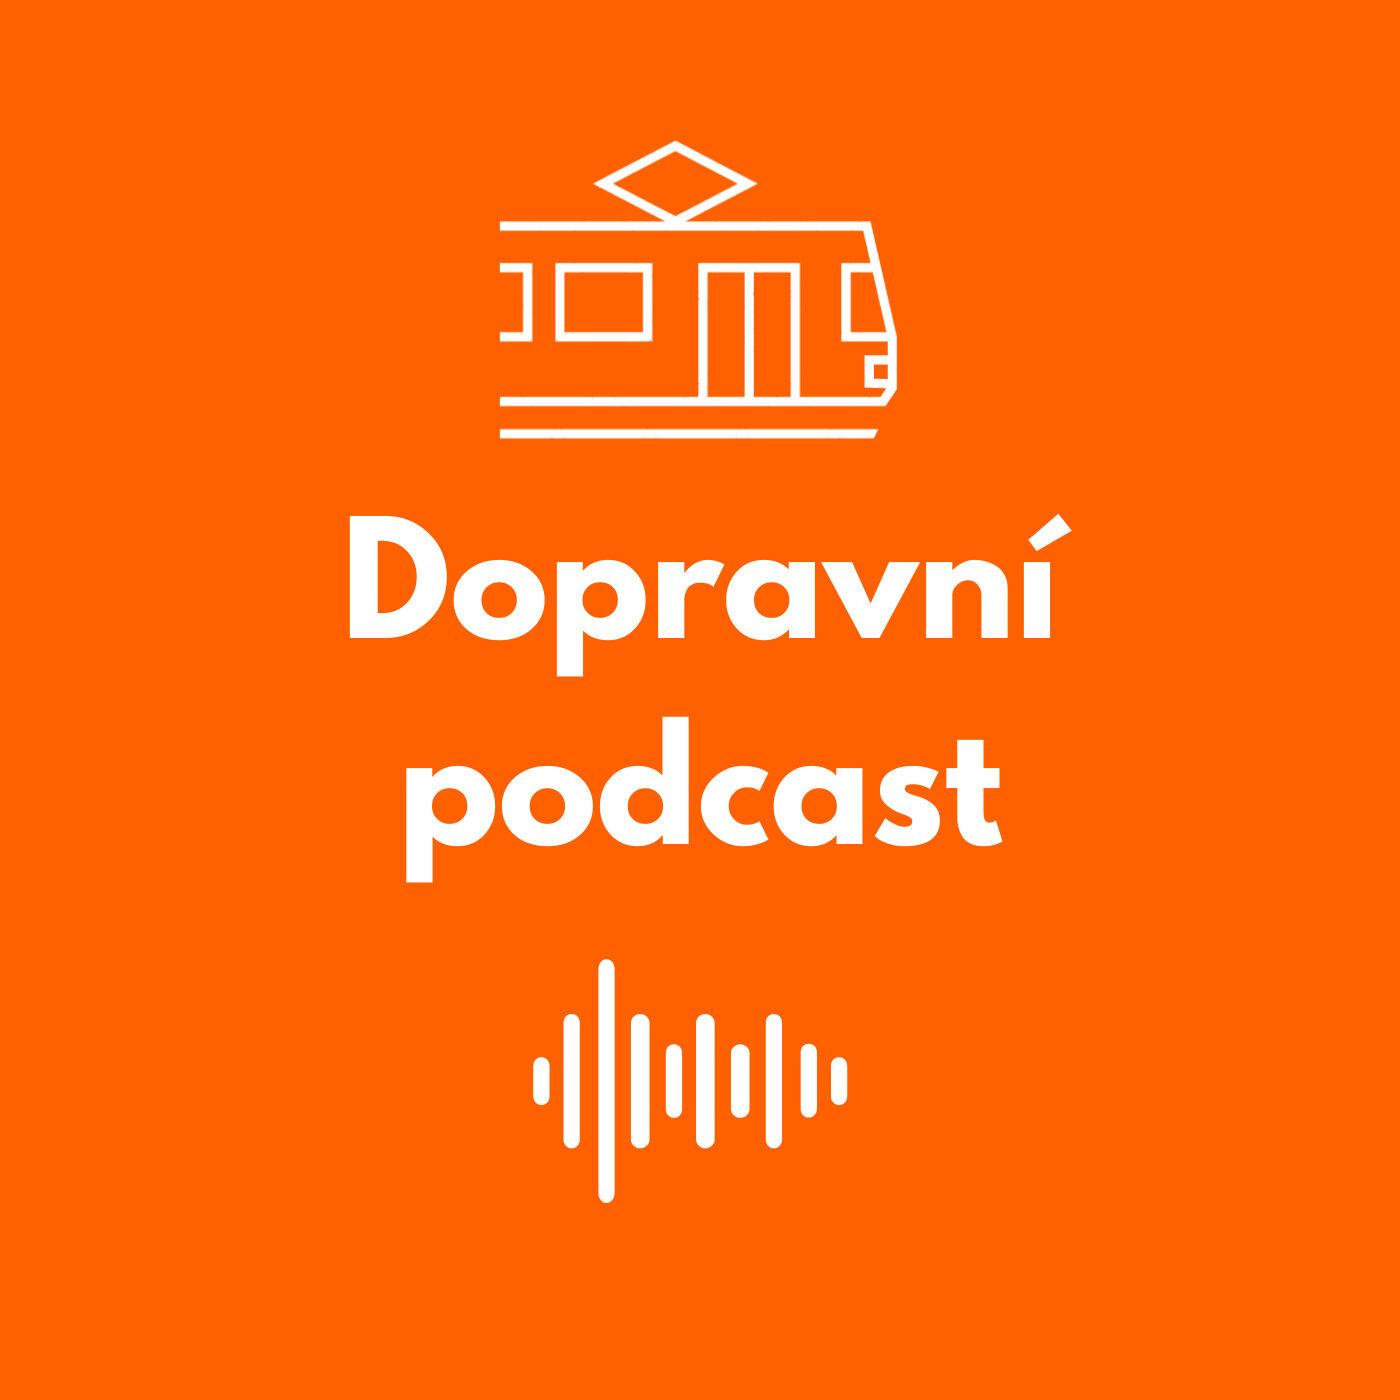 Dopravní podcast (75): Kdo vládne pražské dopravě?